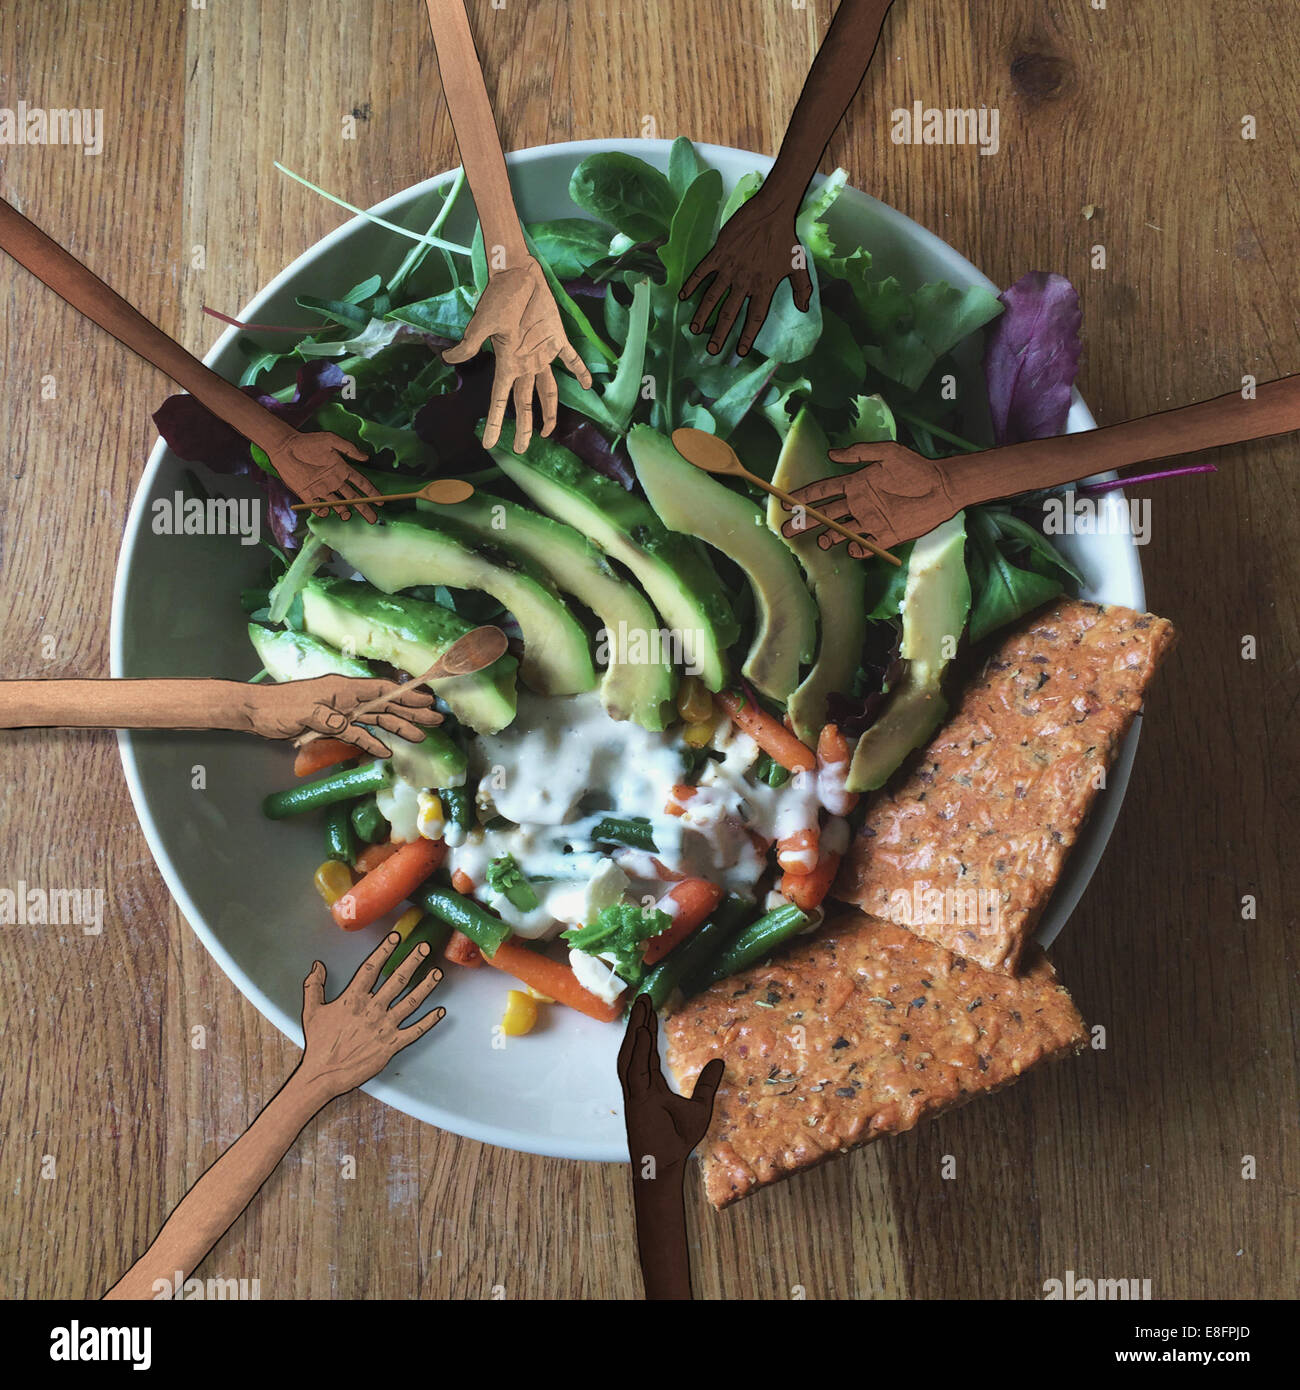 Human hands grabbing a healthy salad - Stock Image